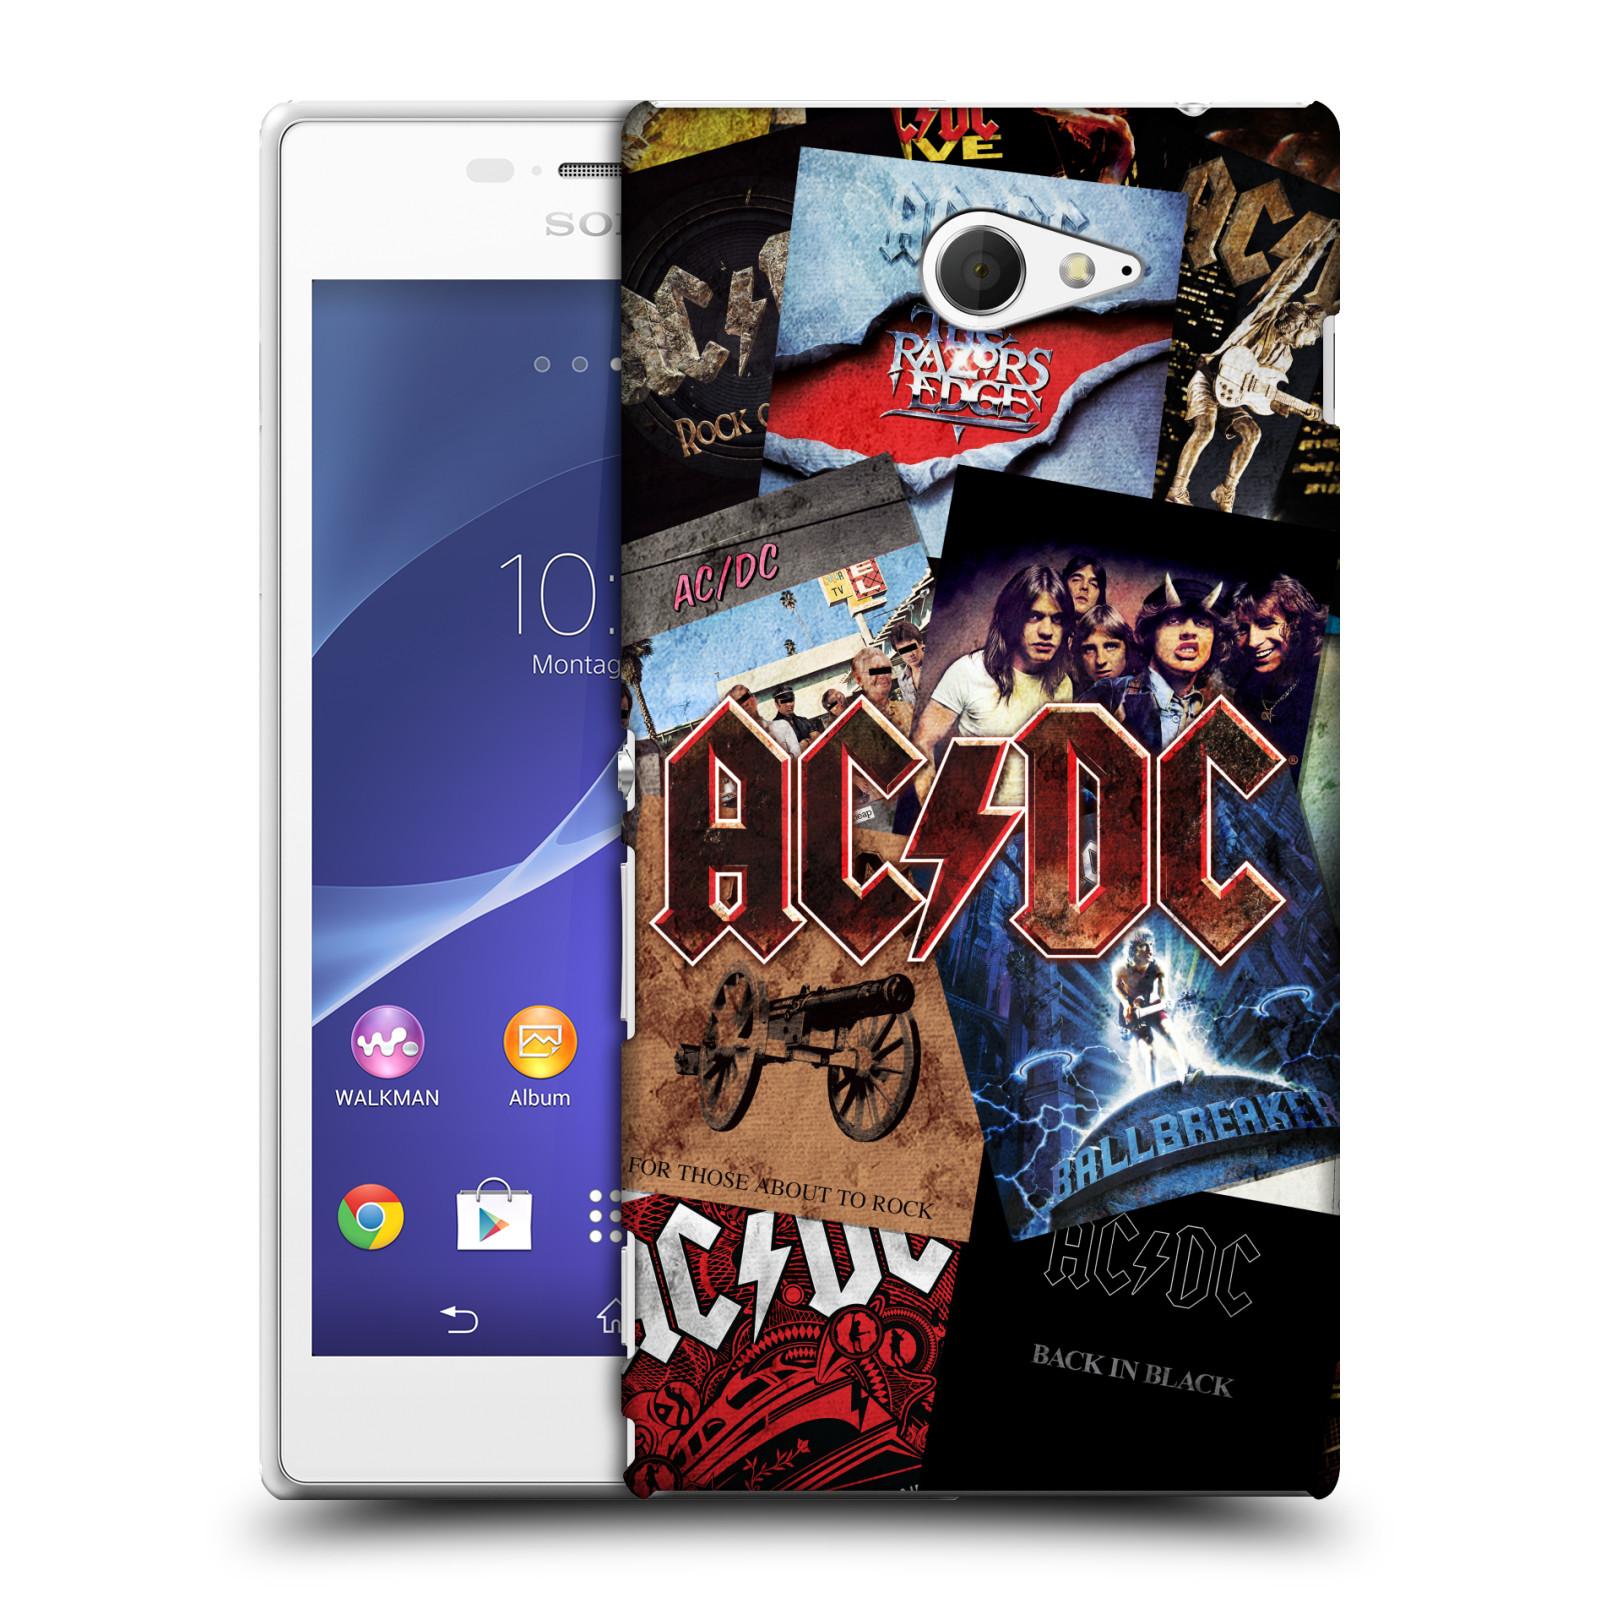 Plastové pouzdro na mobil Sony Xperia M2 D2303 HEAD CASE AC/DC Koláž desek (Plastový kryt či obal na mobilní telefon s oficiálním motivem australské skupiny AC/DC pro Sony Xperia M2 )